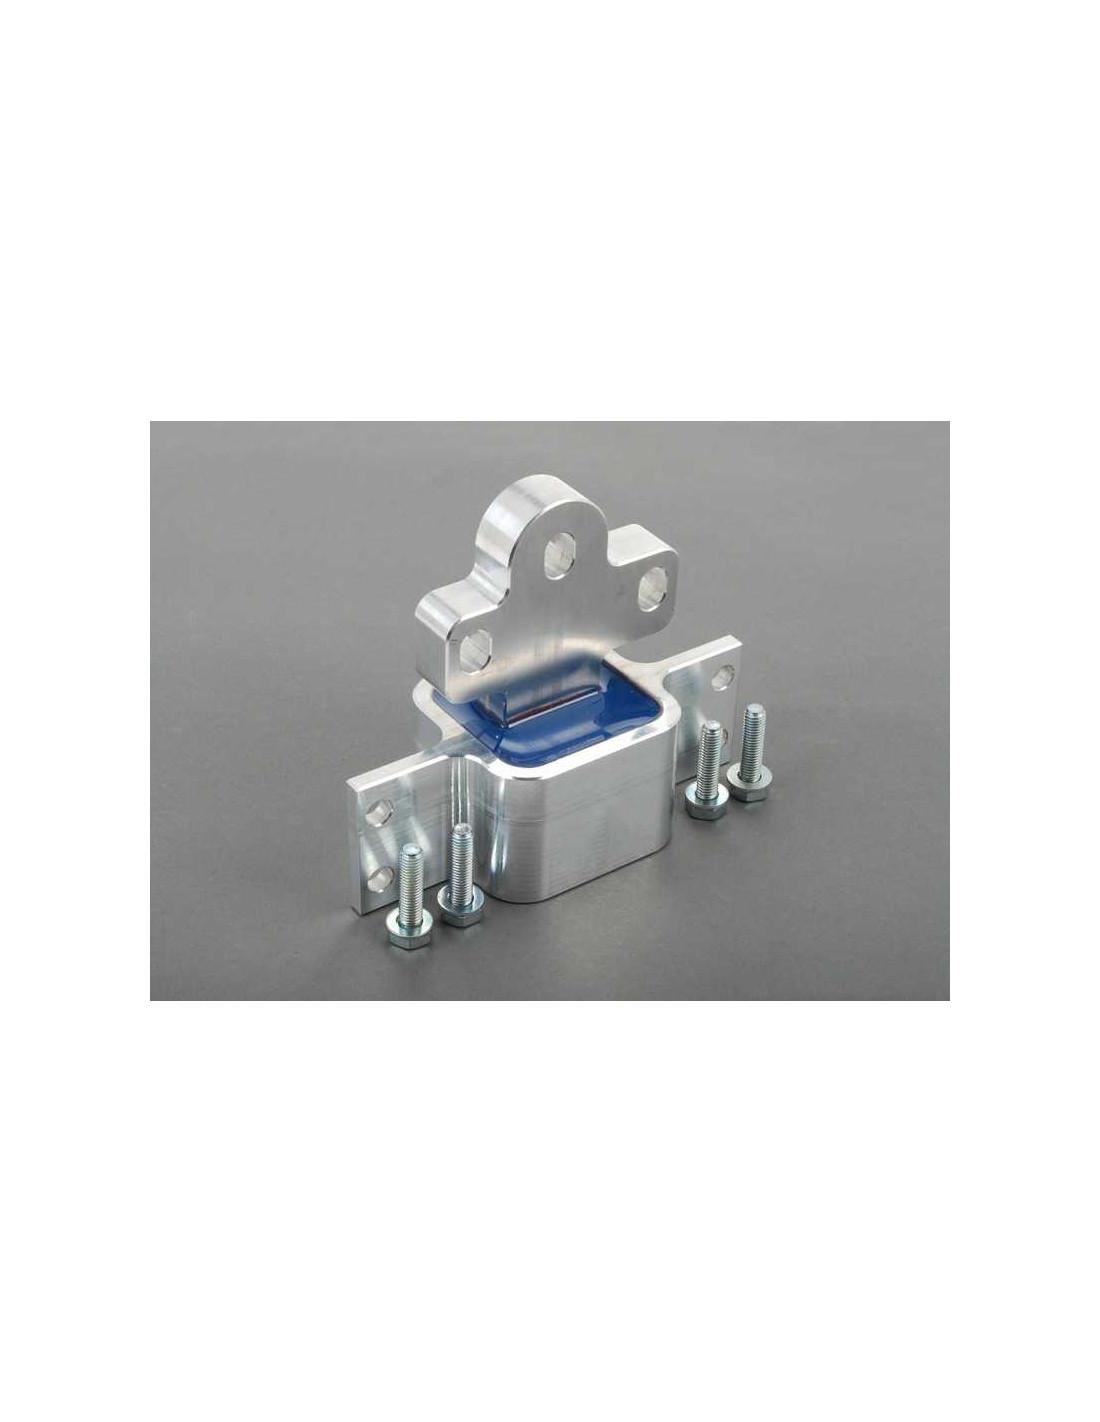 support moteur de boite renforc vw racing pour volkswagen golf 5 g. Black Bedroom Furniture Sets. Home Design Ideas